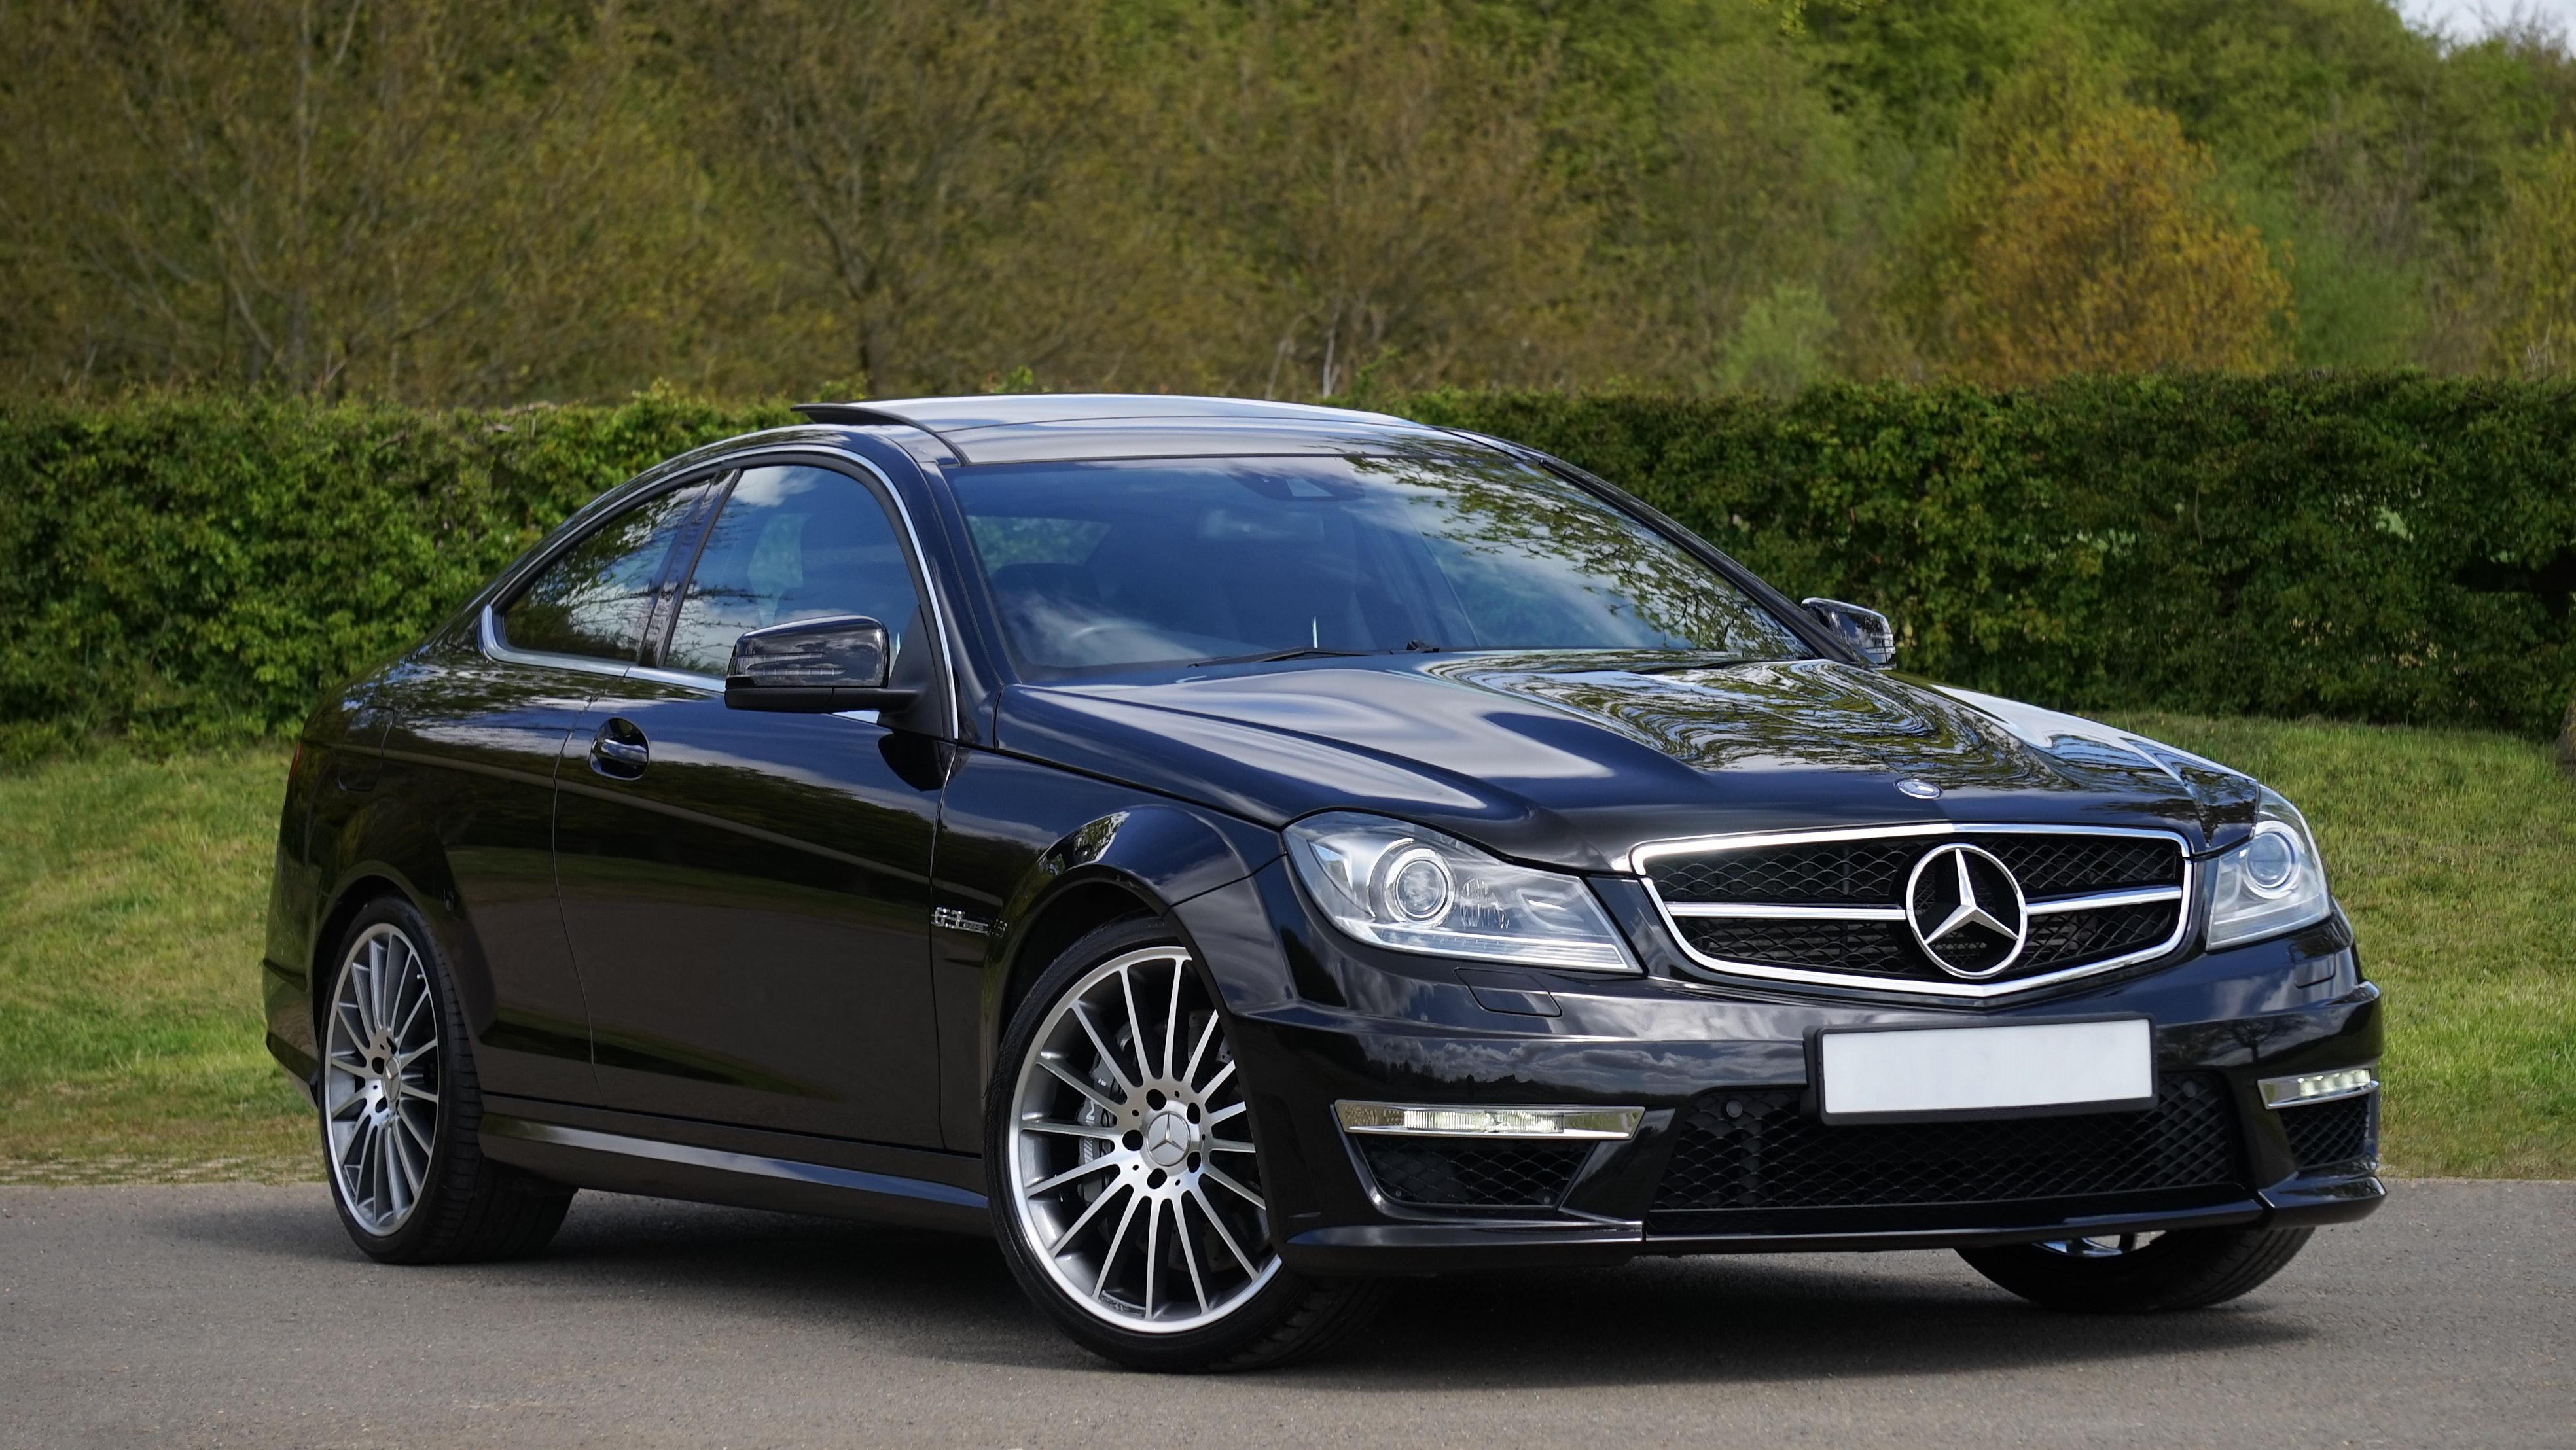 Black Coupe Car